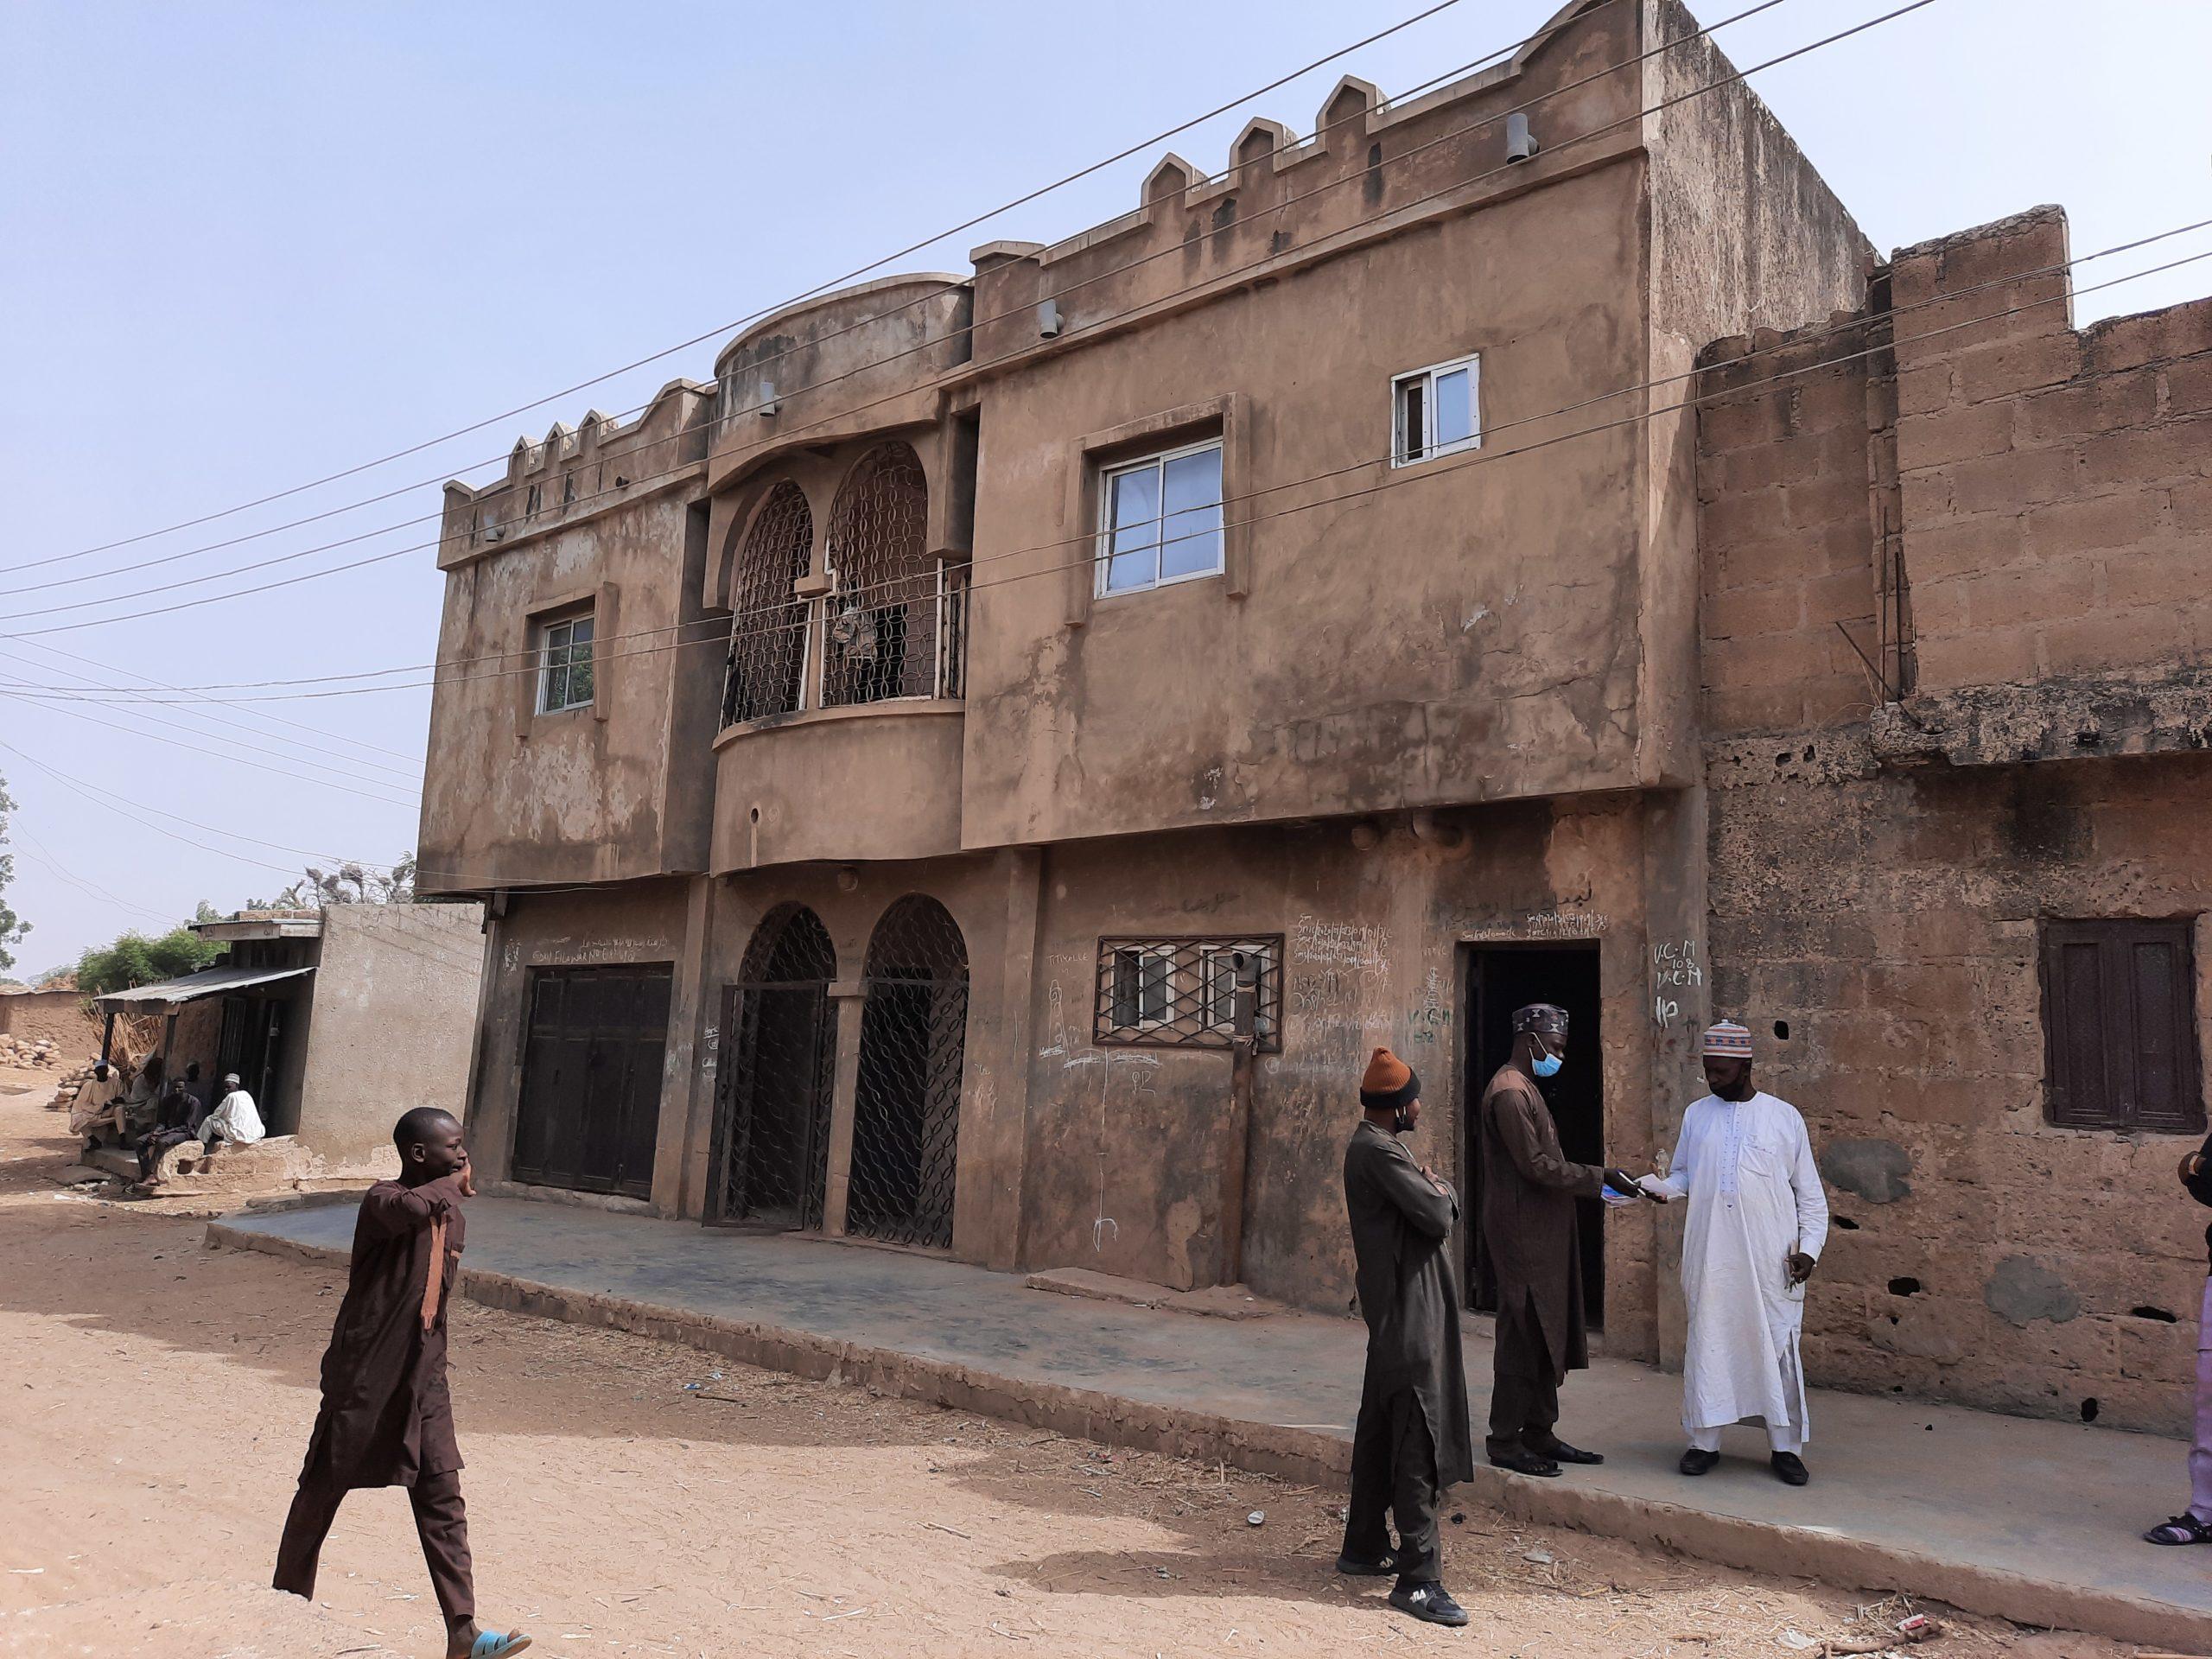 The Abdulkadir's residence